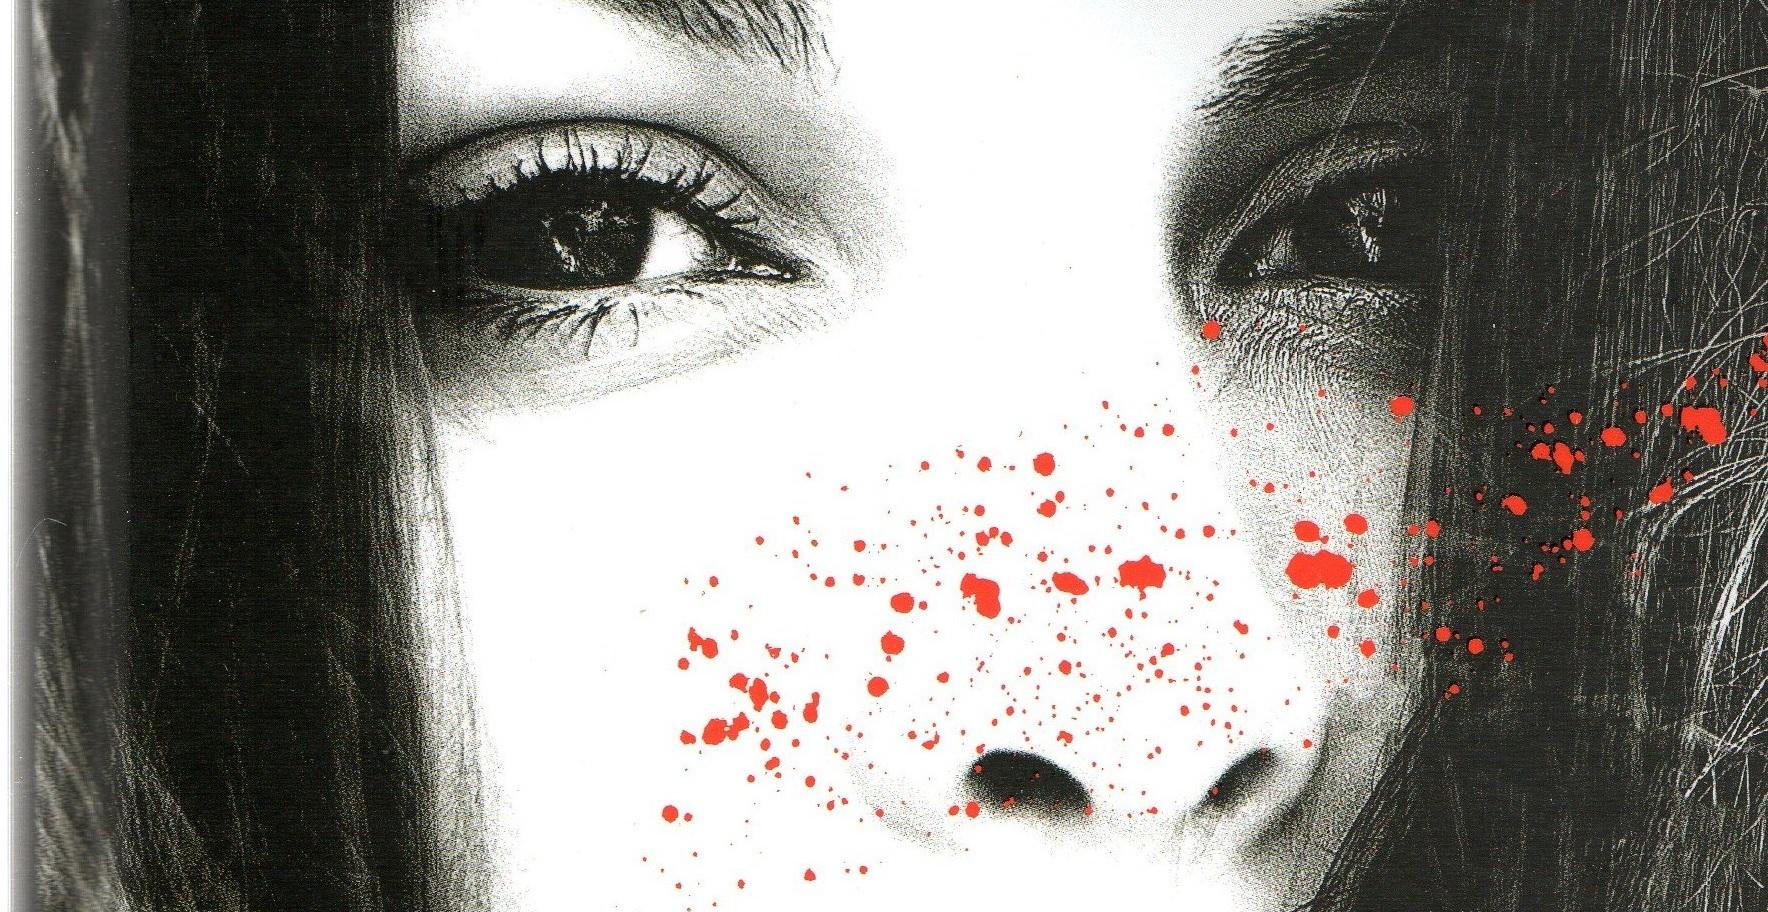 Резултат с изображение за as red as blood